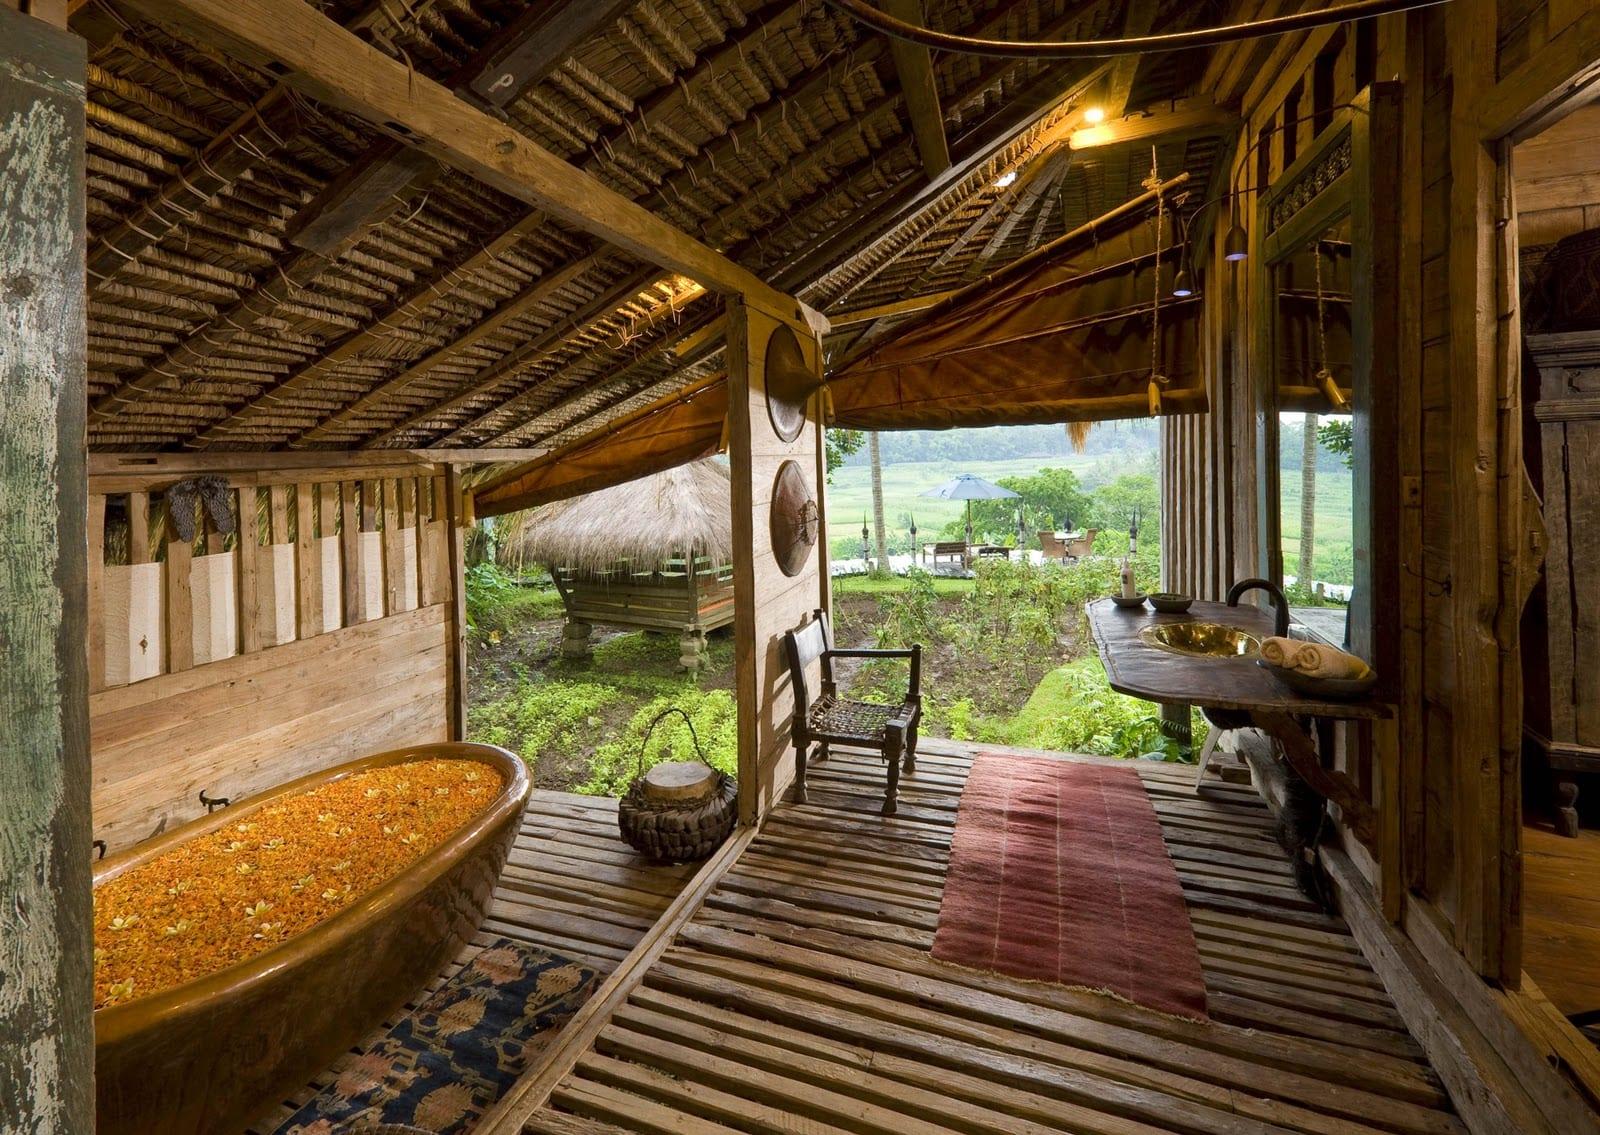 60 Badezimmerideen für den Außenbereich - fresHouse